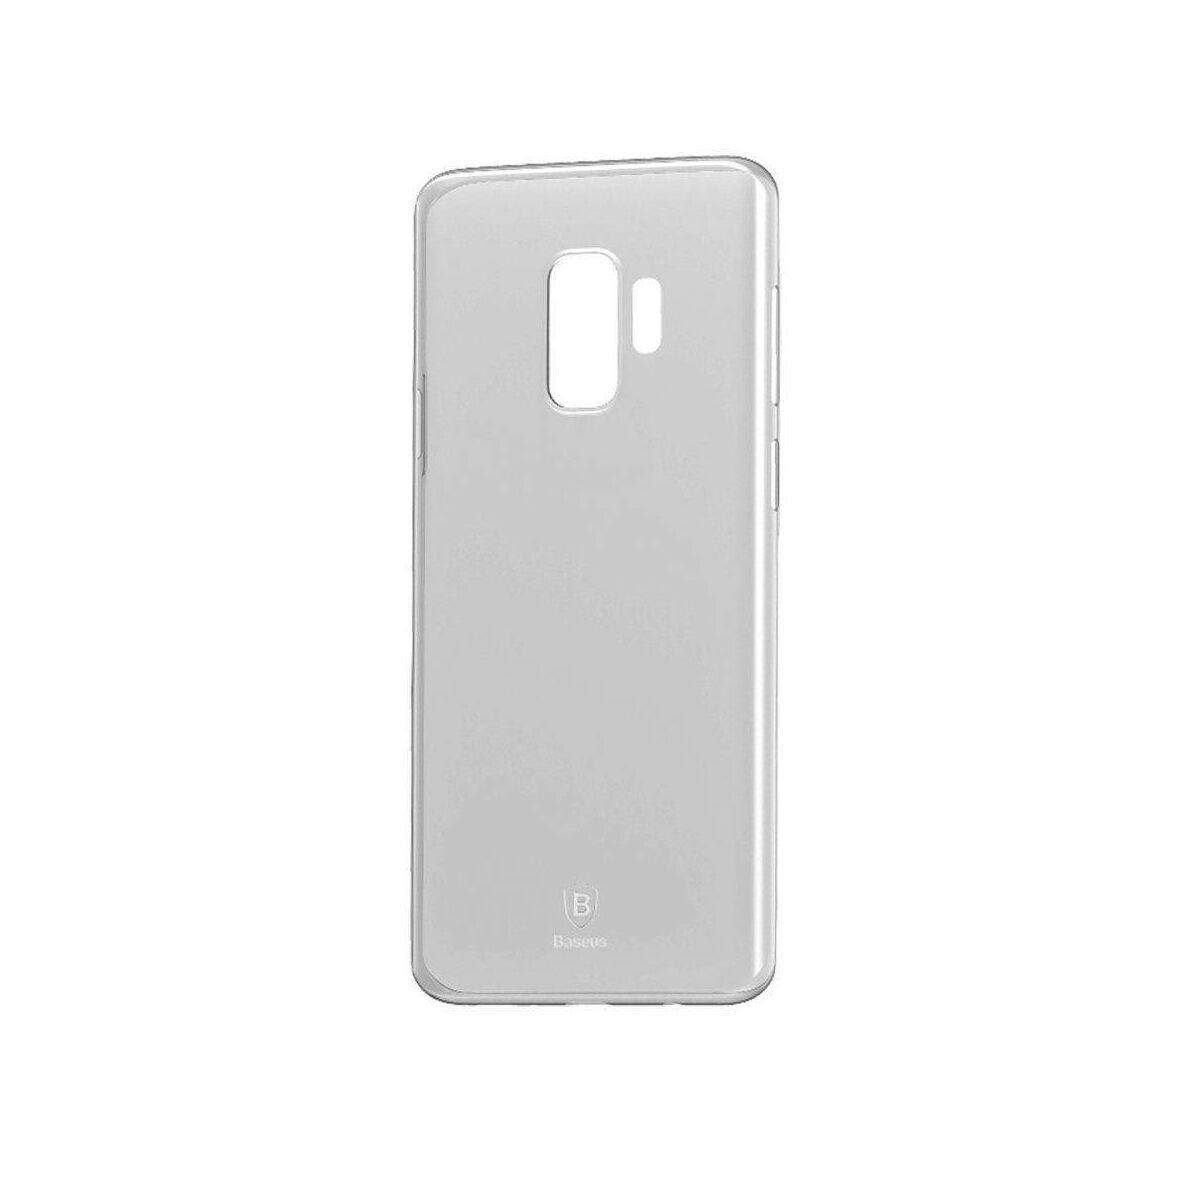 Baseus Samsung S9 tok, Wing, átlátszó, fehér (WISAS9-02)